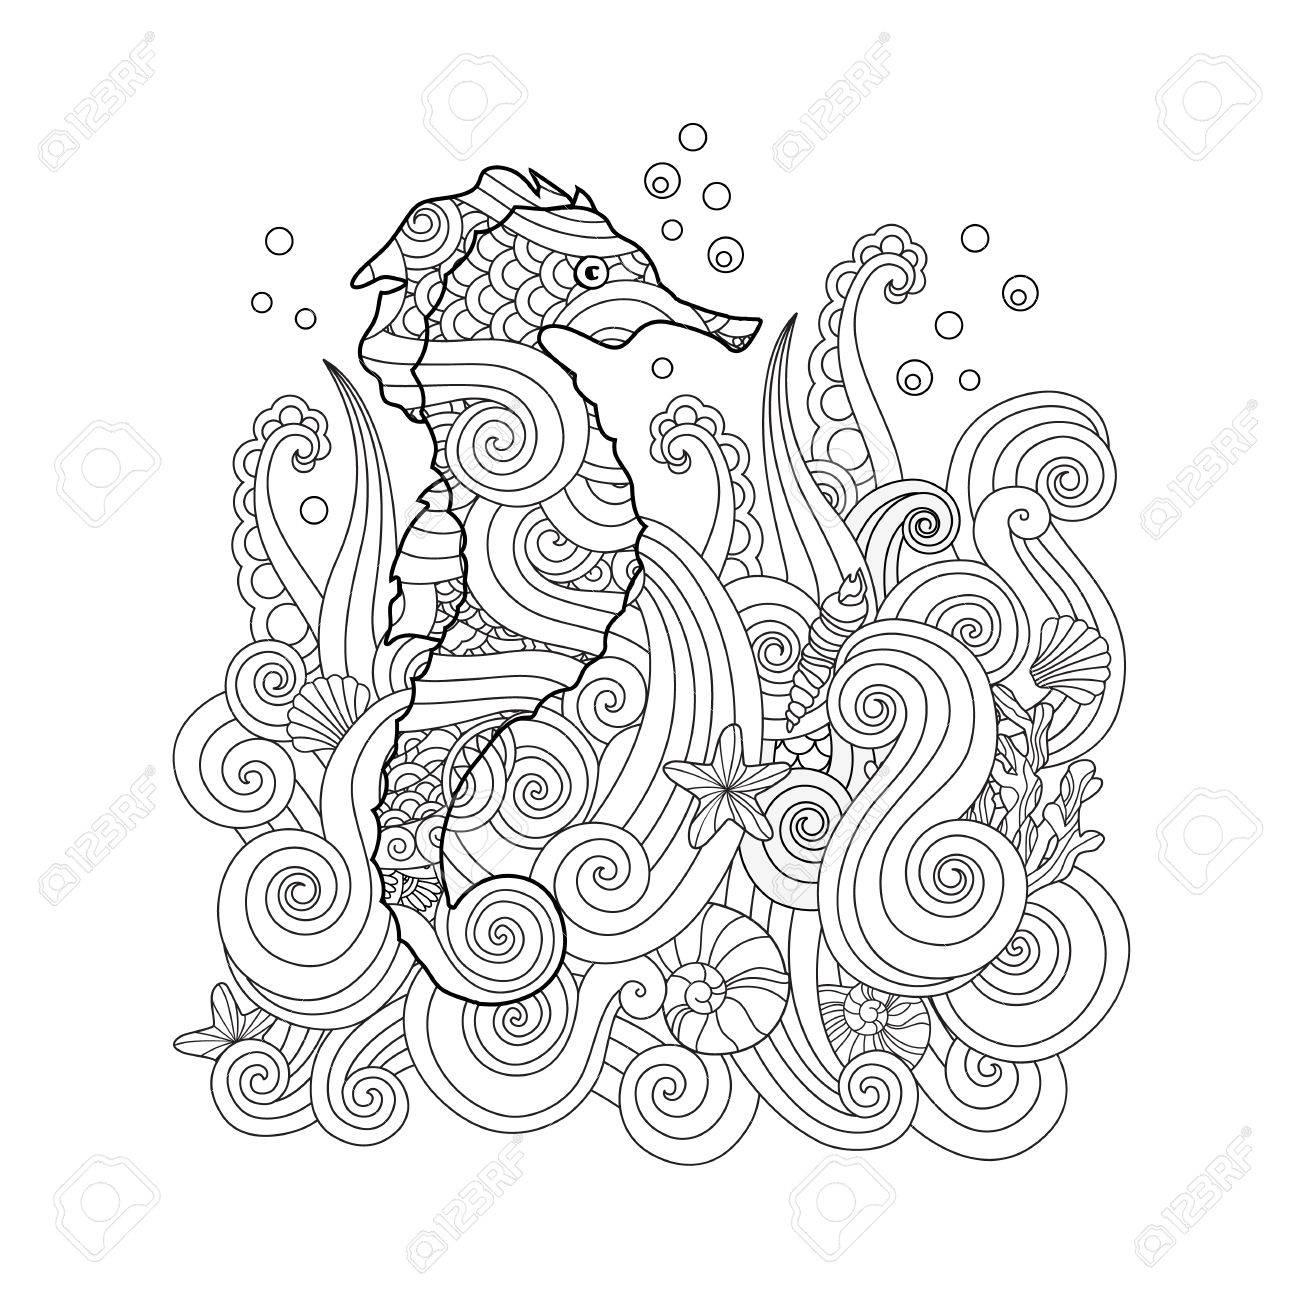 Croquis Dessiné à La Main Dun Cheval De Mer Sous La Mer En Style